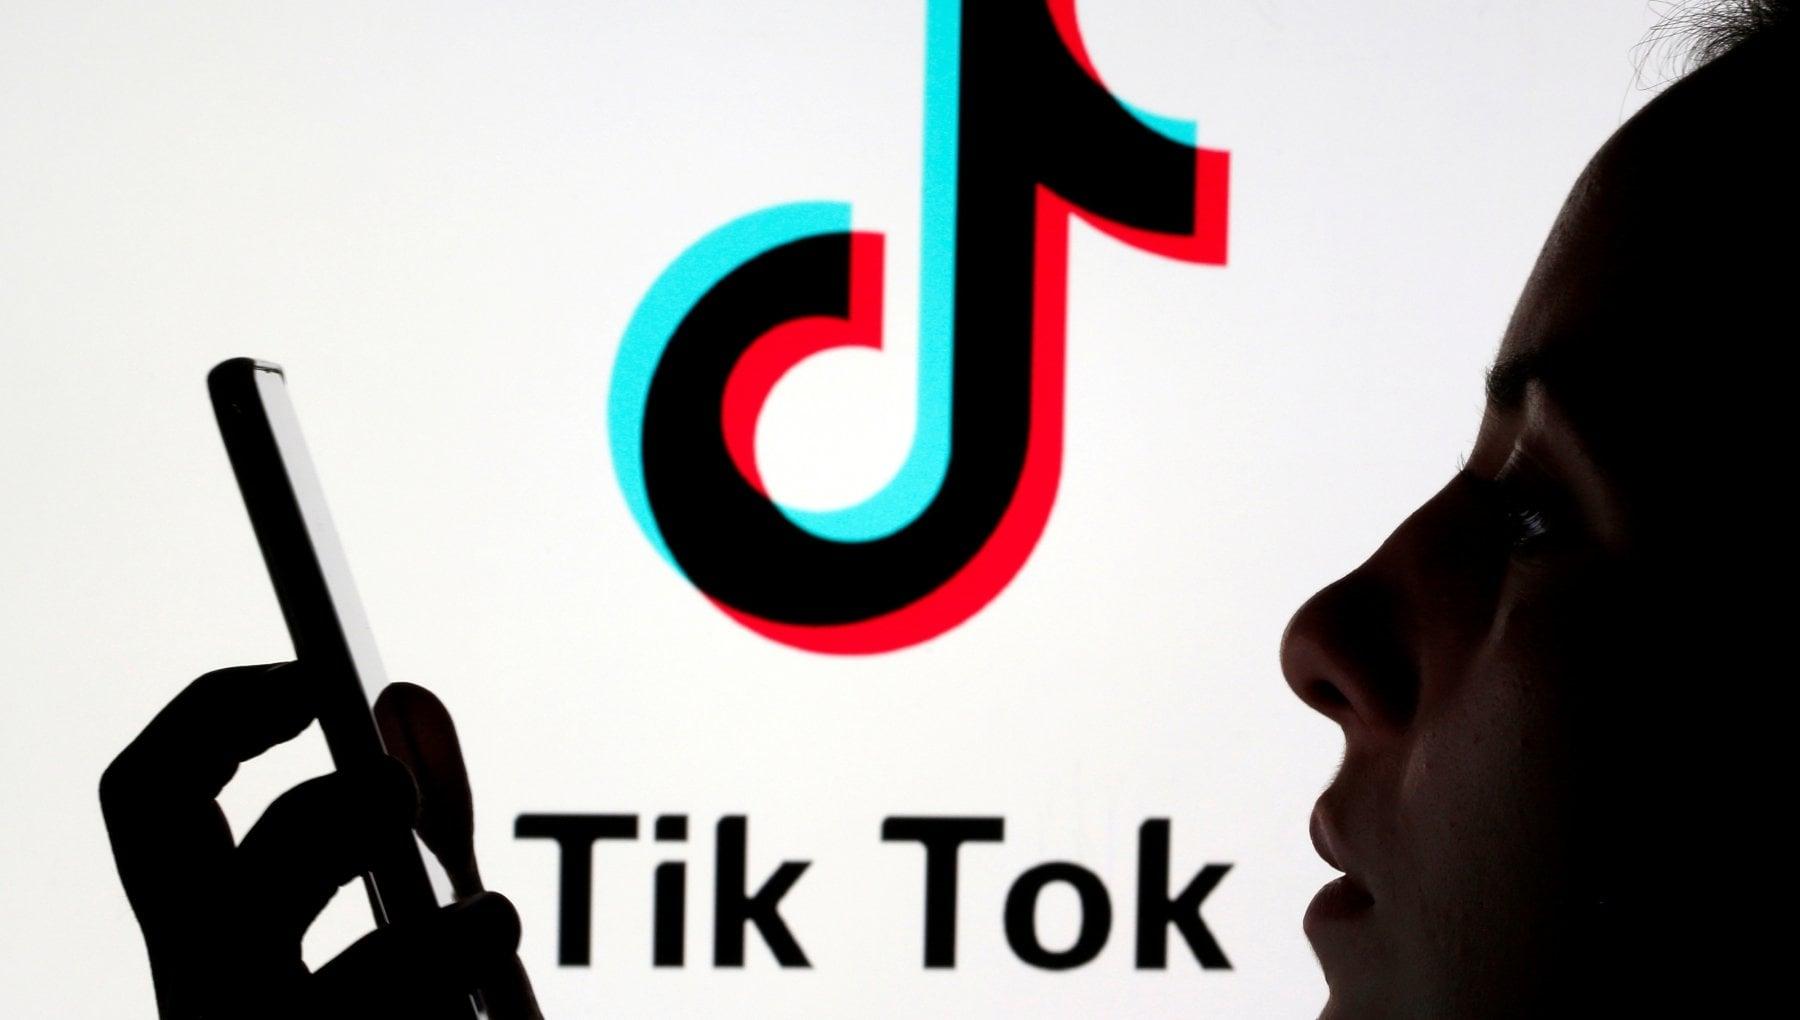 TikTok falla di sicurezza rischio furto di identita e phishing per milioni di profili. Gubiani Serve educazione digitale